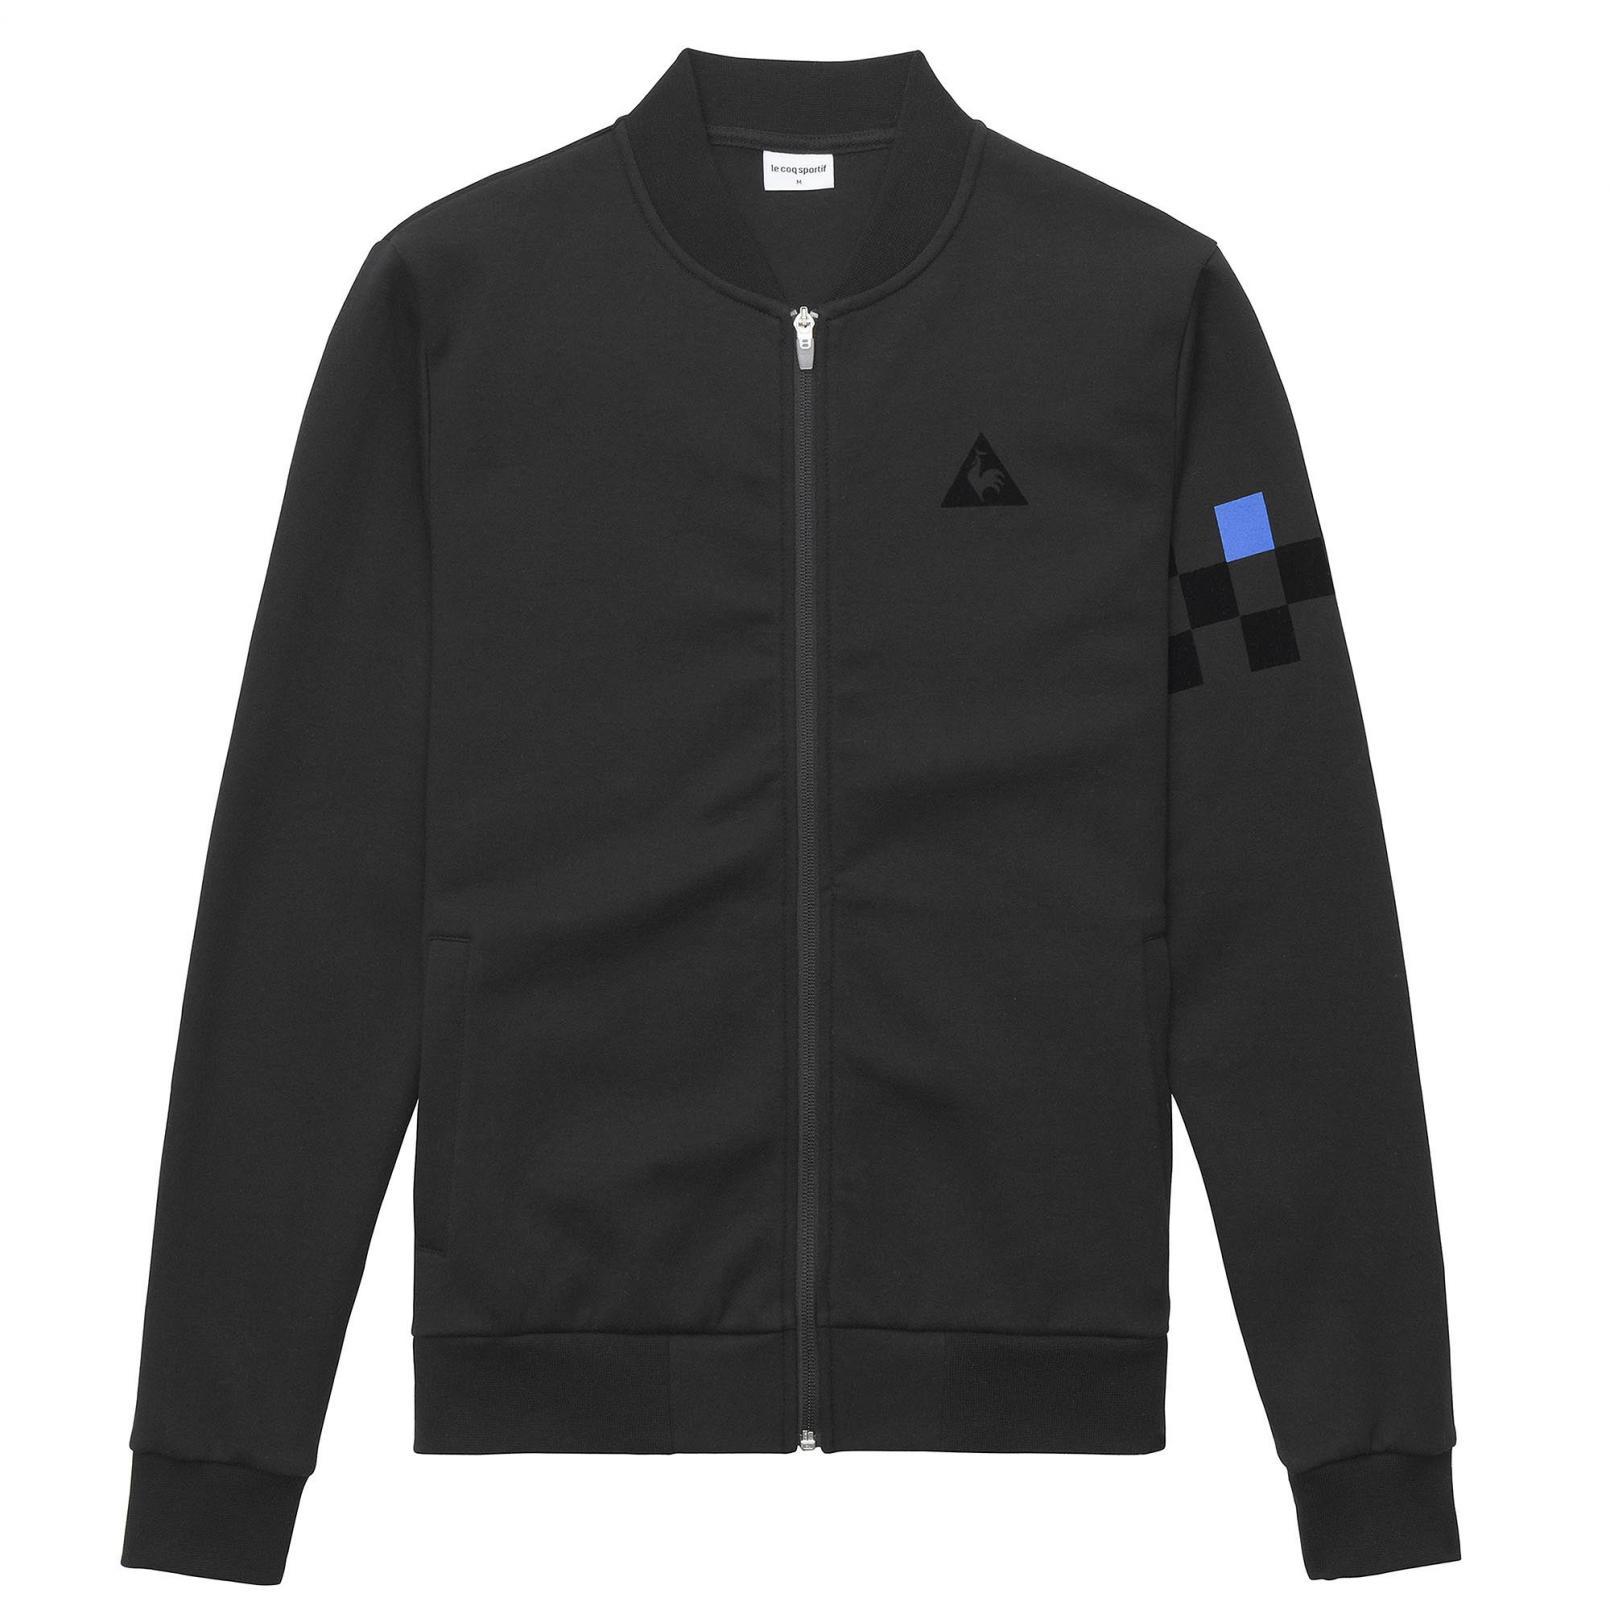 Coats & Jackets – Le Coq Sportif Tricolore Cycling Full zip sweatsthirt Black